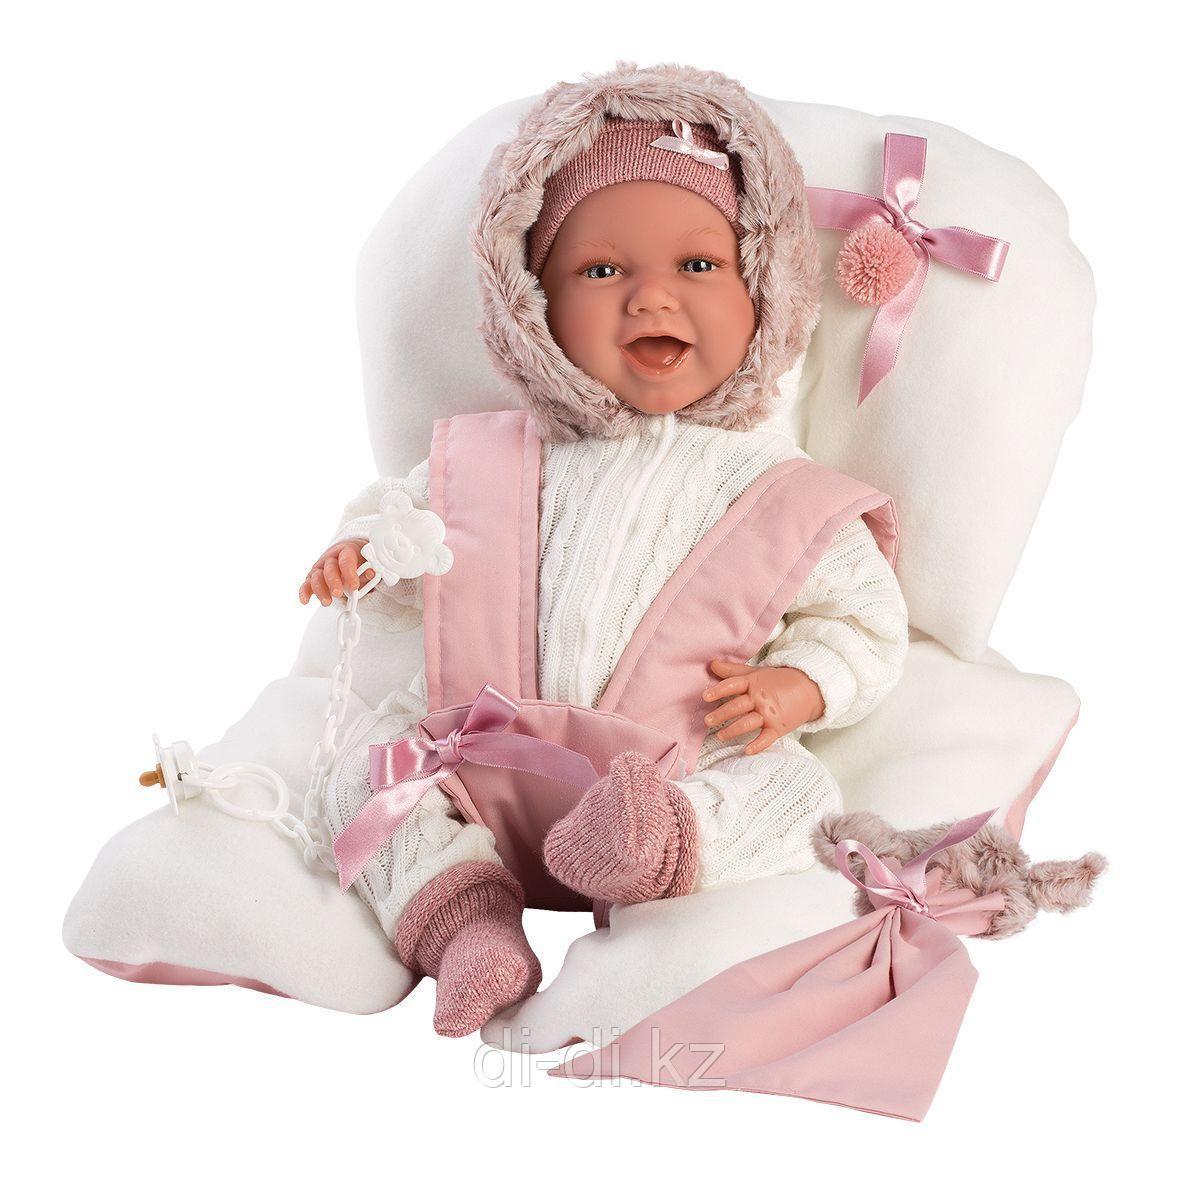 LLORENS Пупс Малышка 42 см, улыбающаяся с матрасиком в розовом